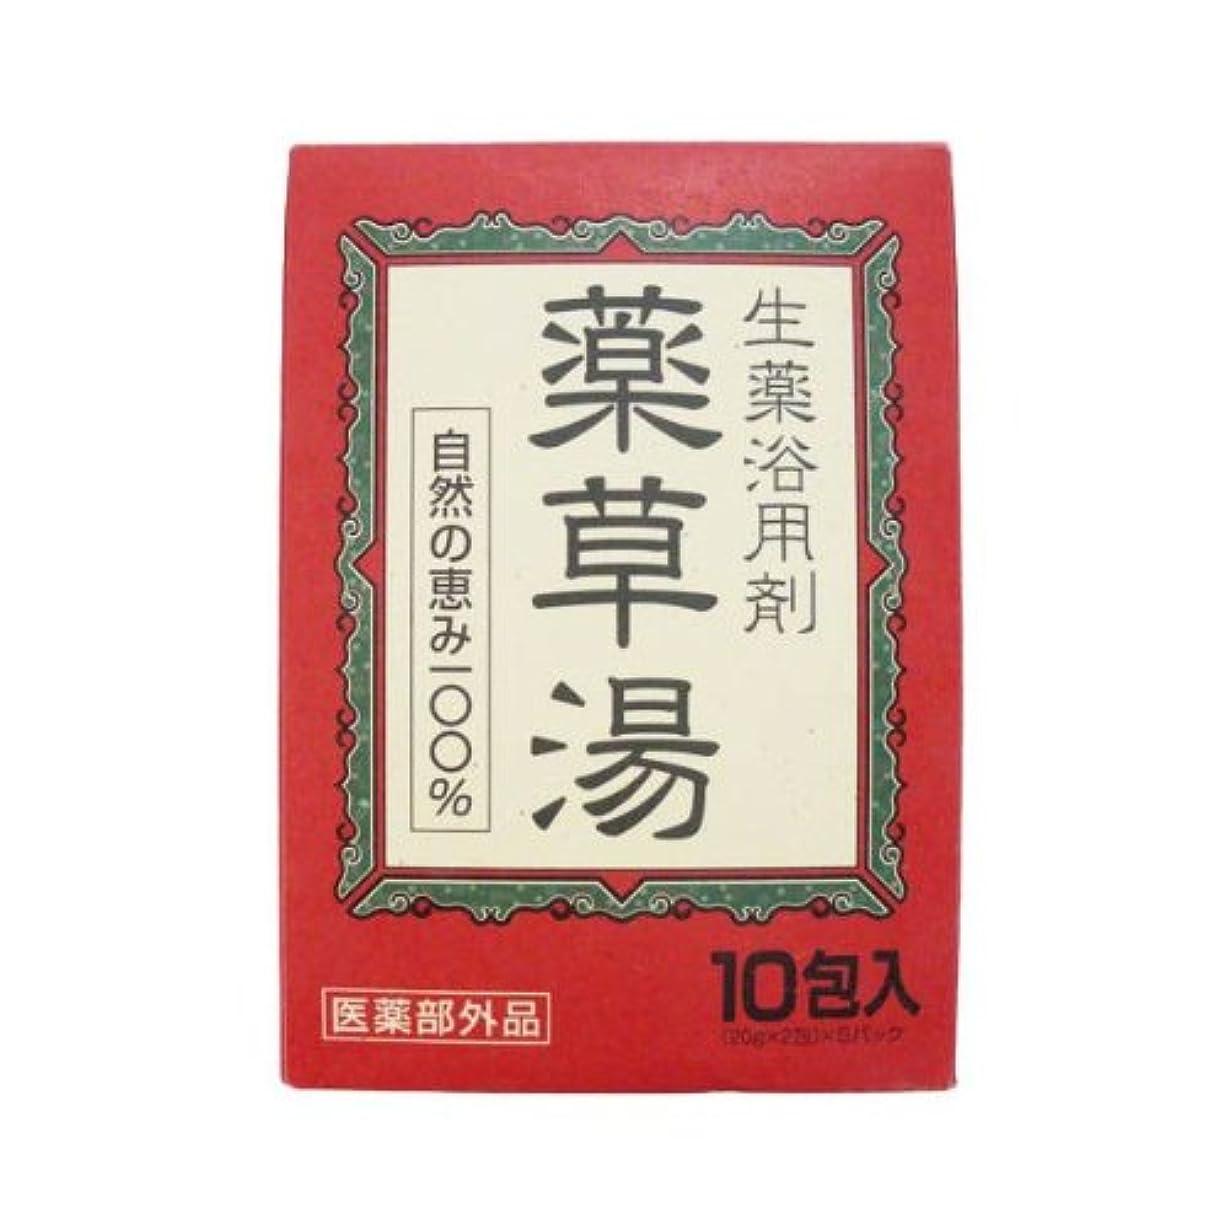 ランタン考えたフェッチVVN生薬入浴剤薬草湯10包×(20セット)